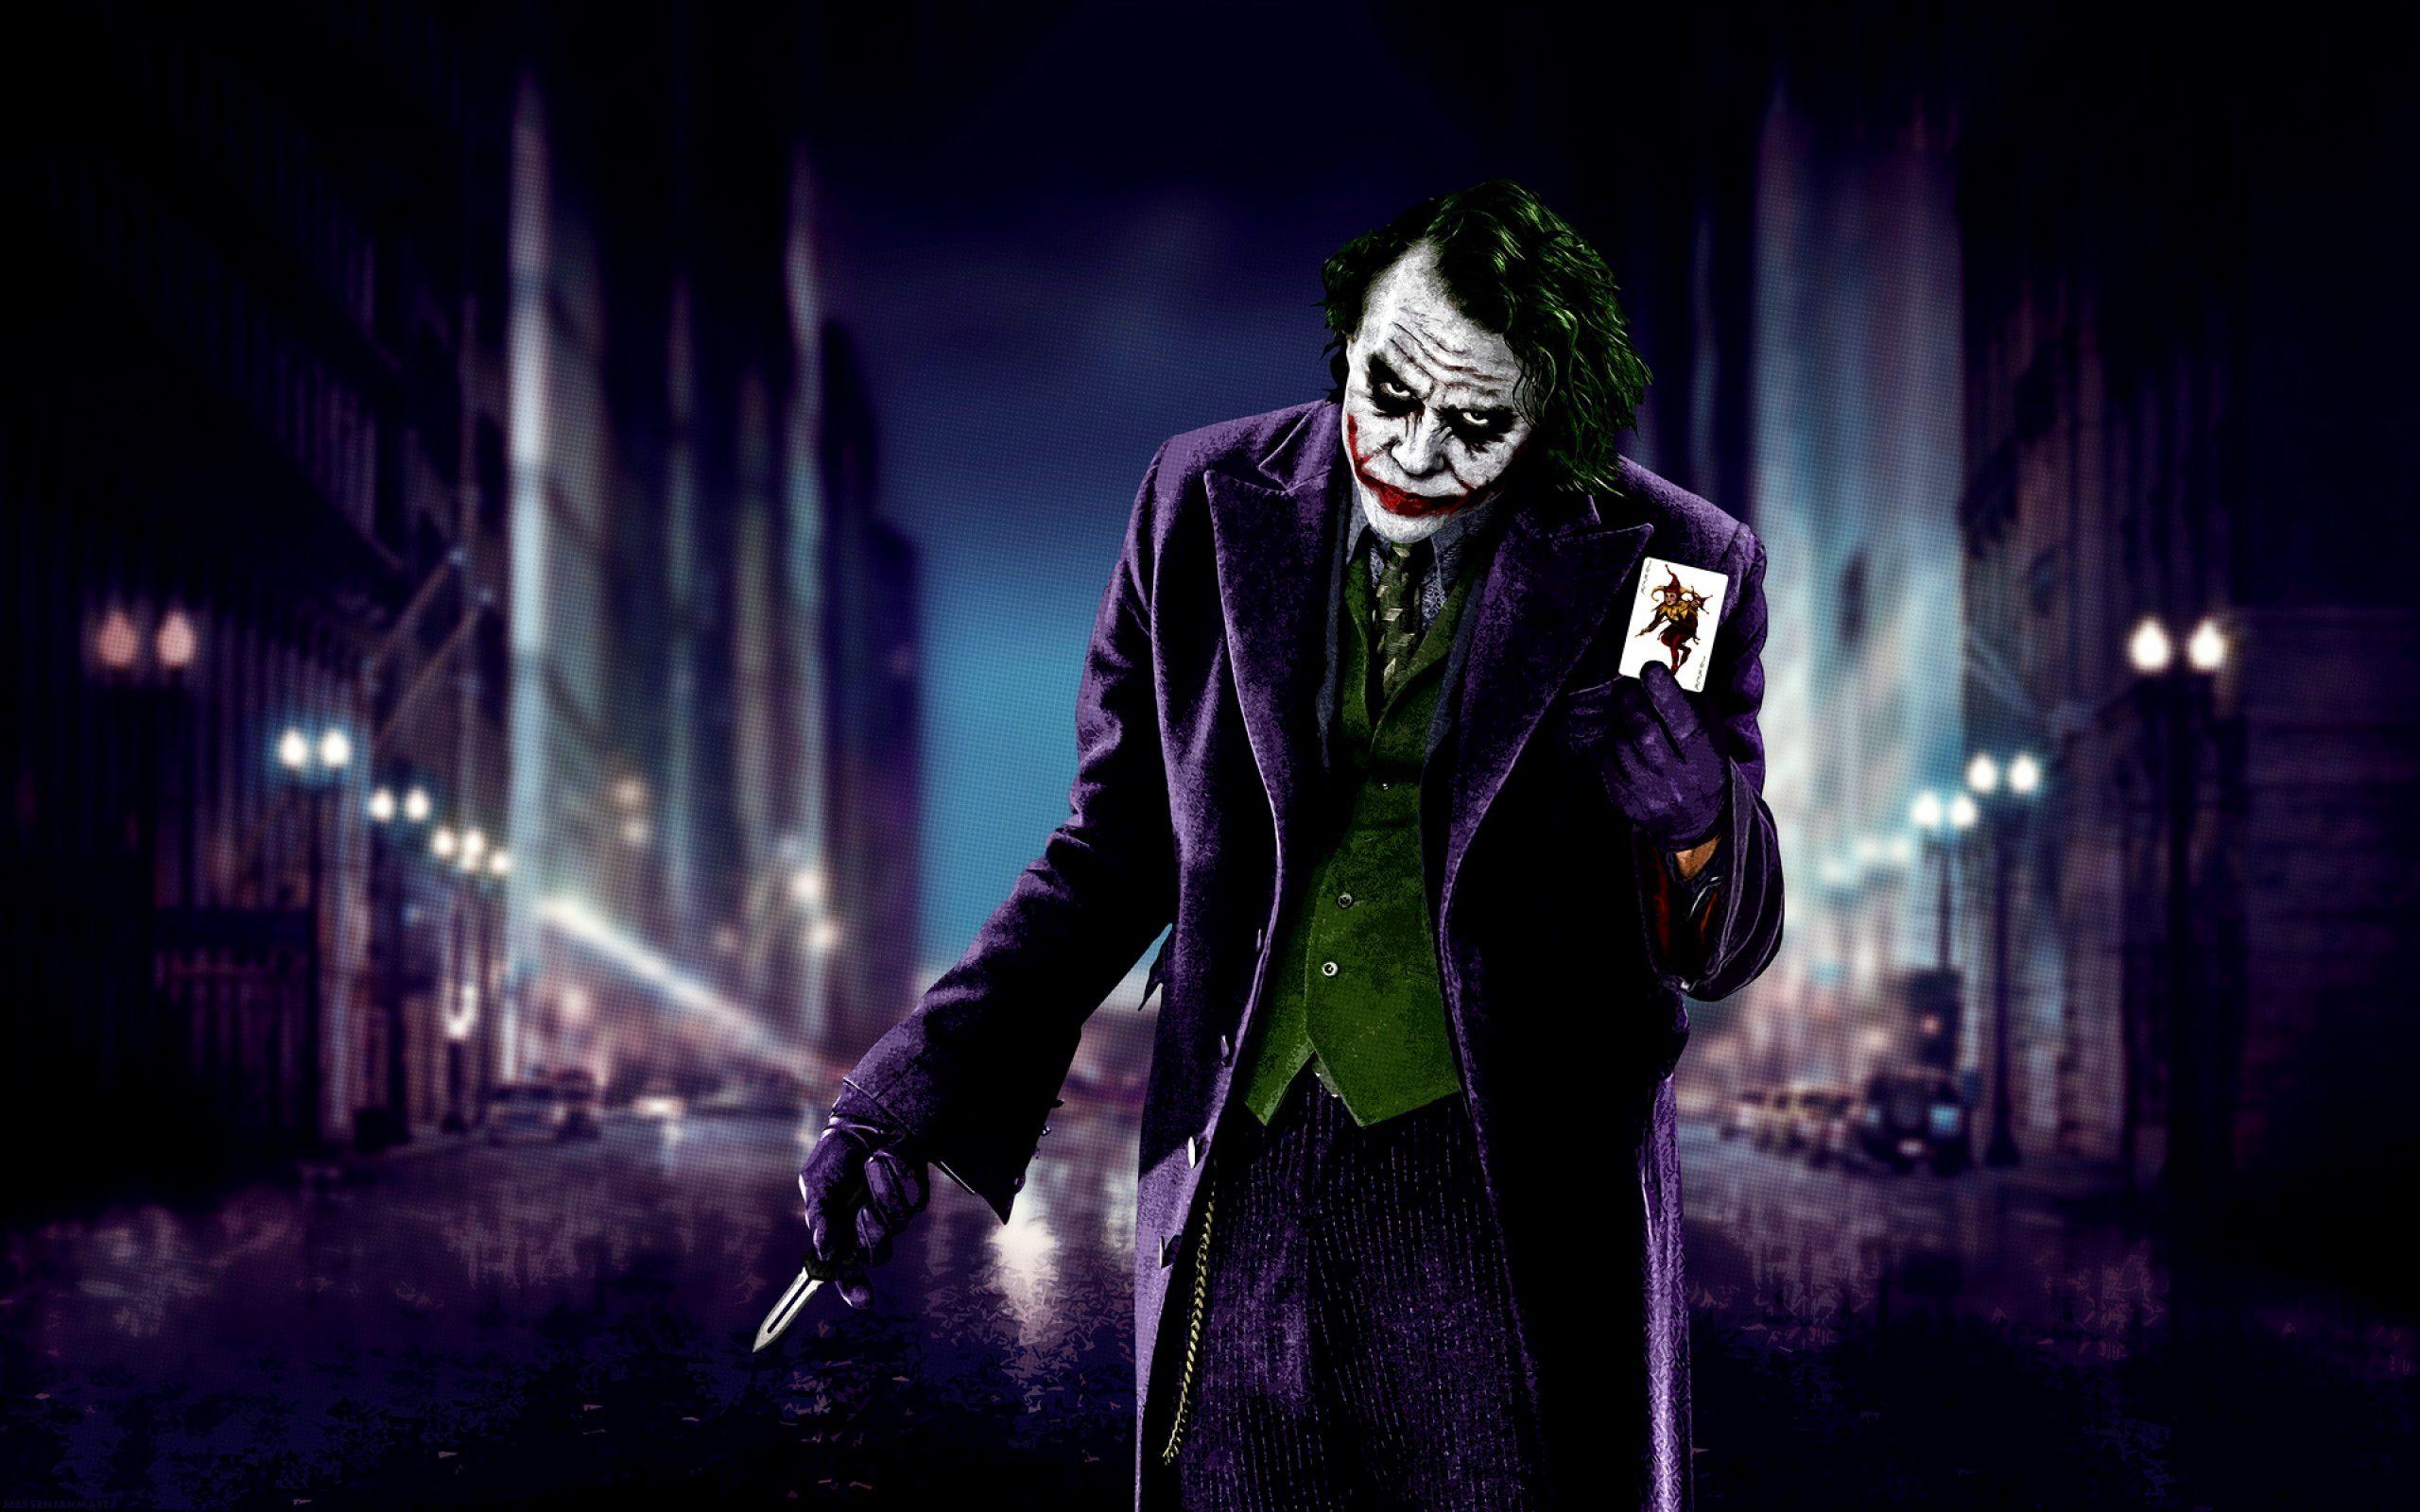 Joker And Batman The Dark Knight Rises Hd Wallpaper Batman Joker Wallpaper Joker Wallpapers Joker Dark Knight